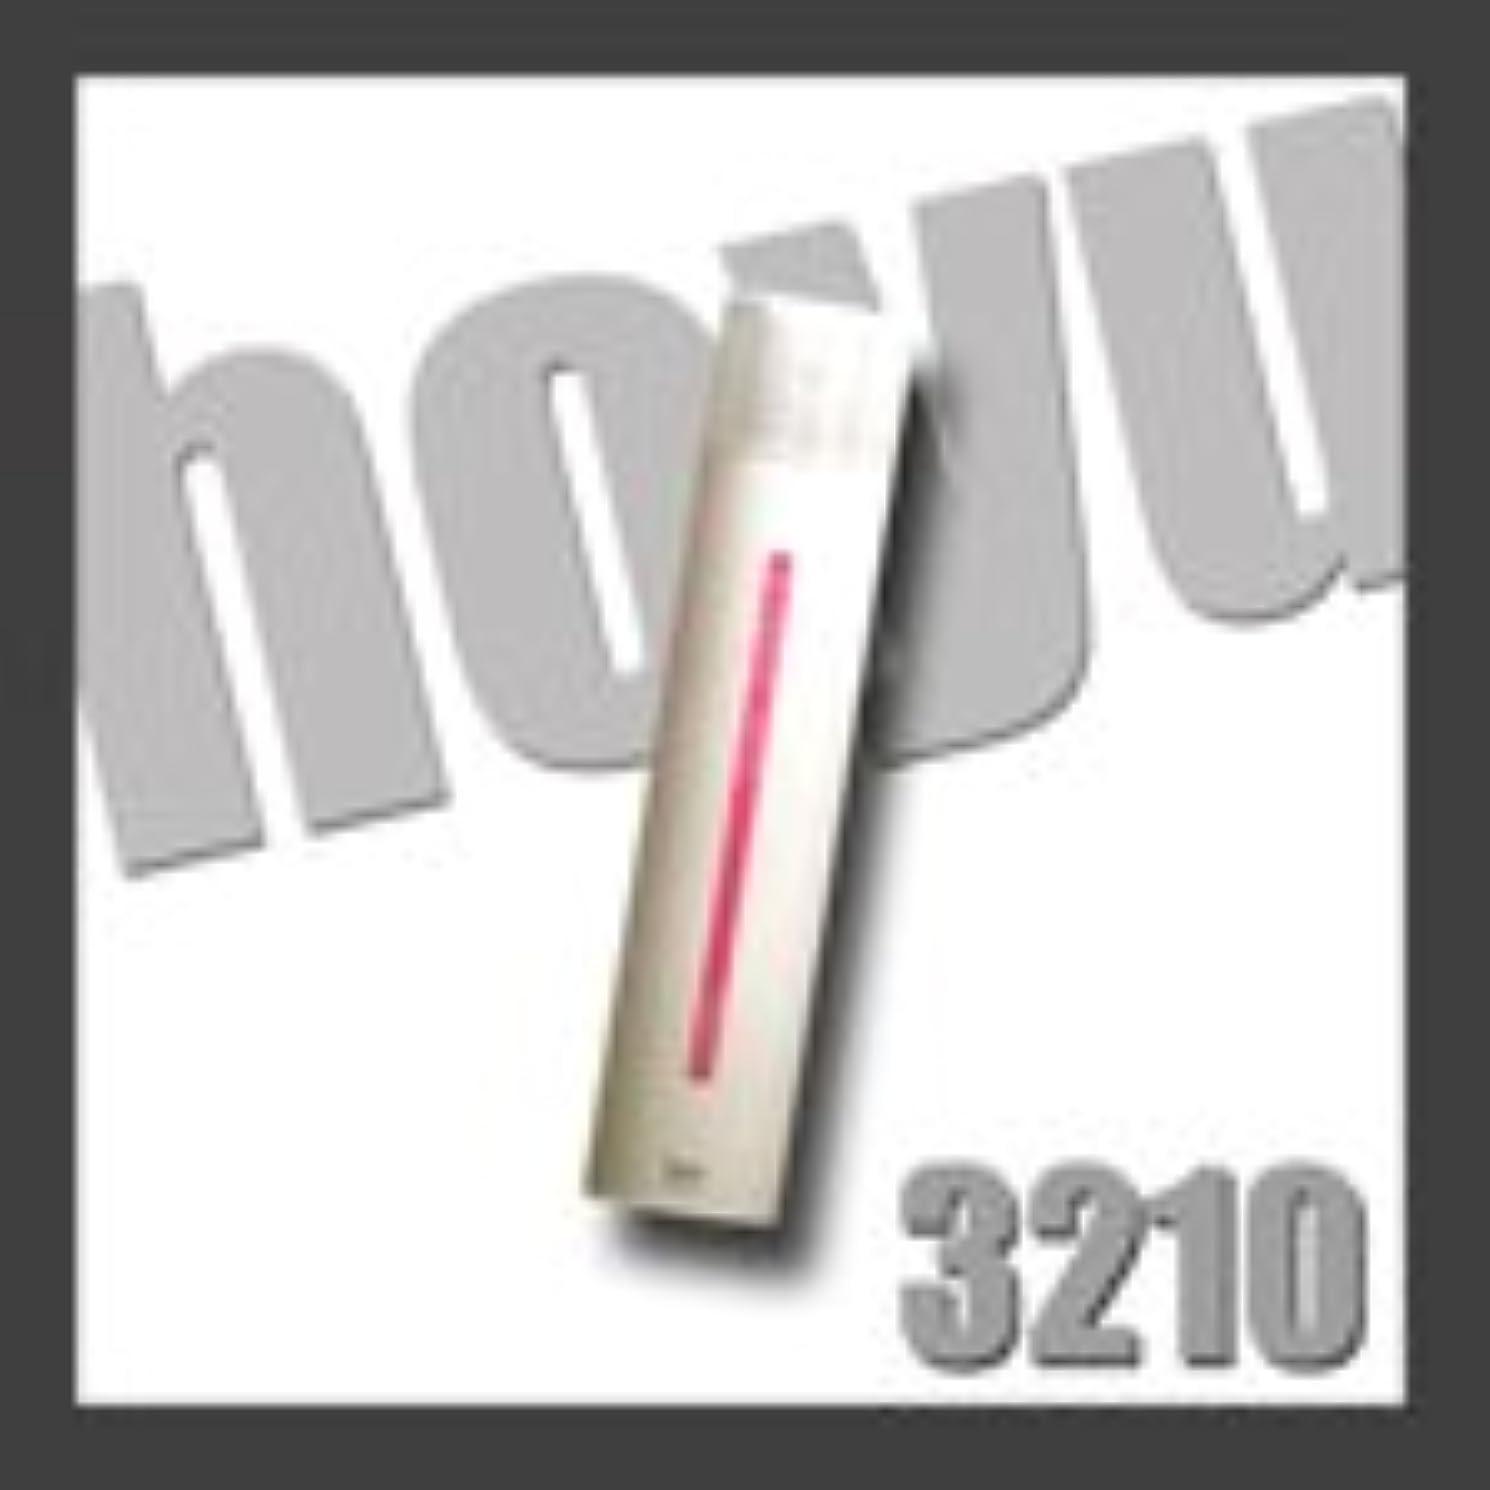 彫る命令的資料HOYU ホーユー 3210 ミニーレ スプリール スタイリングスプレー HF ハードフィックス 180g